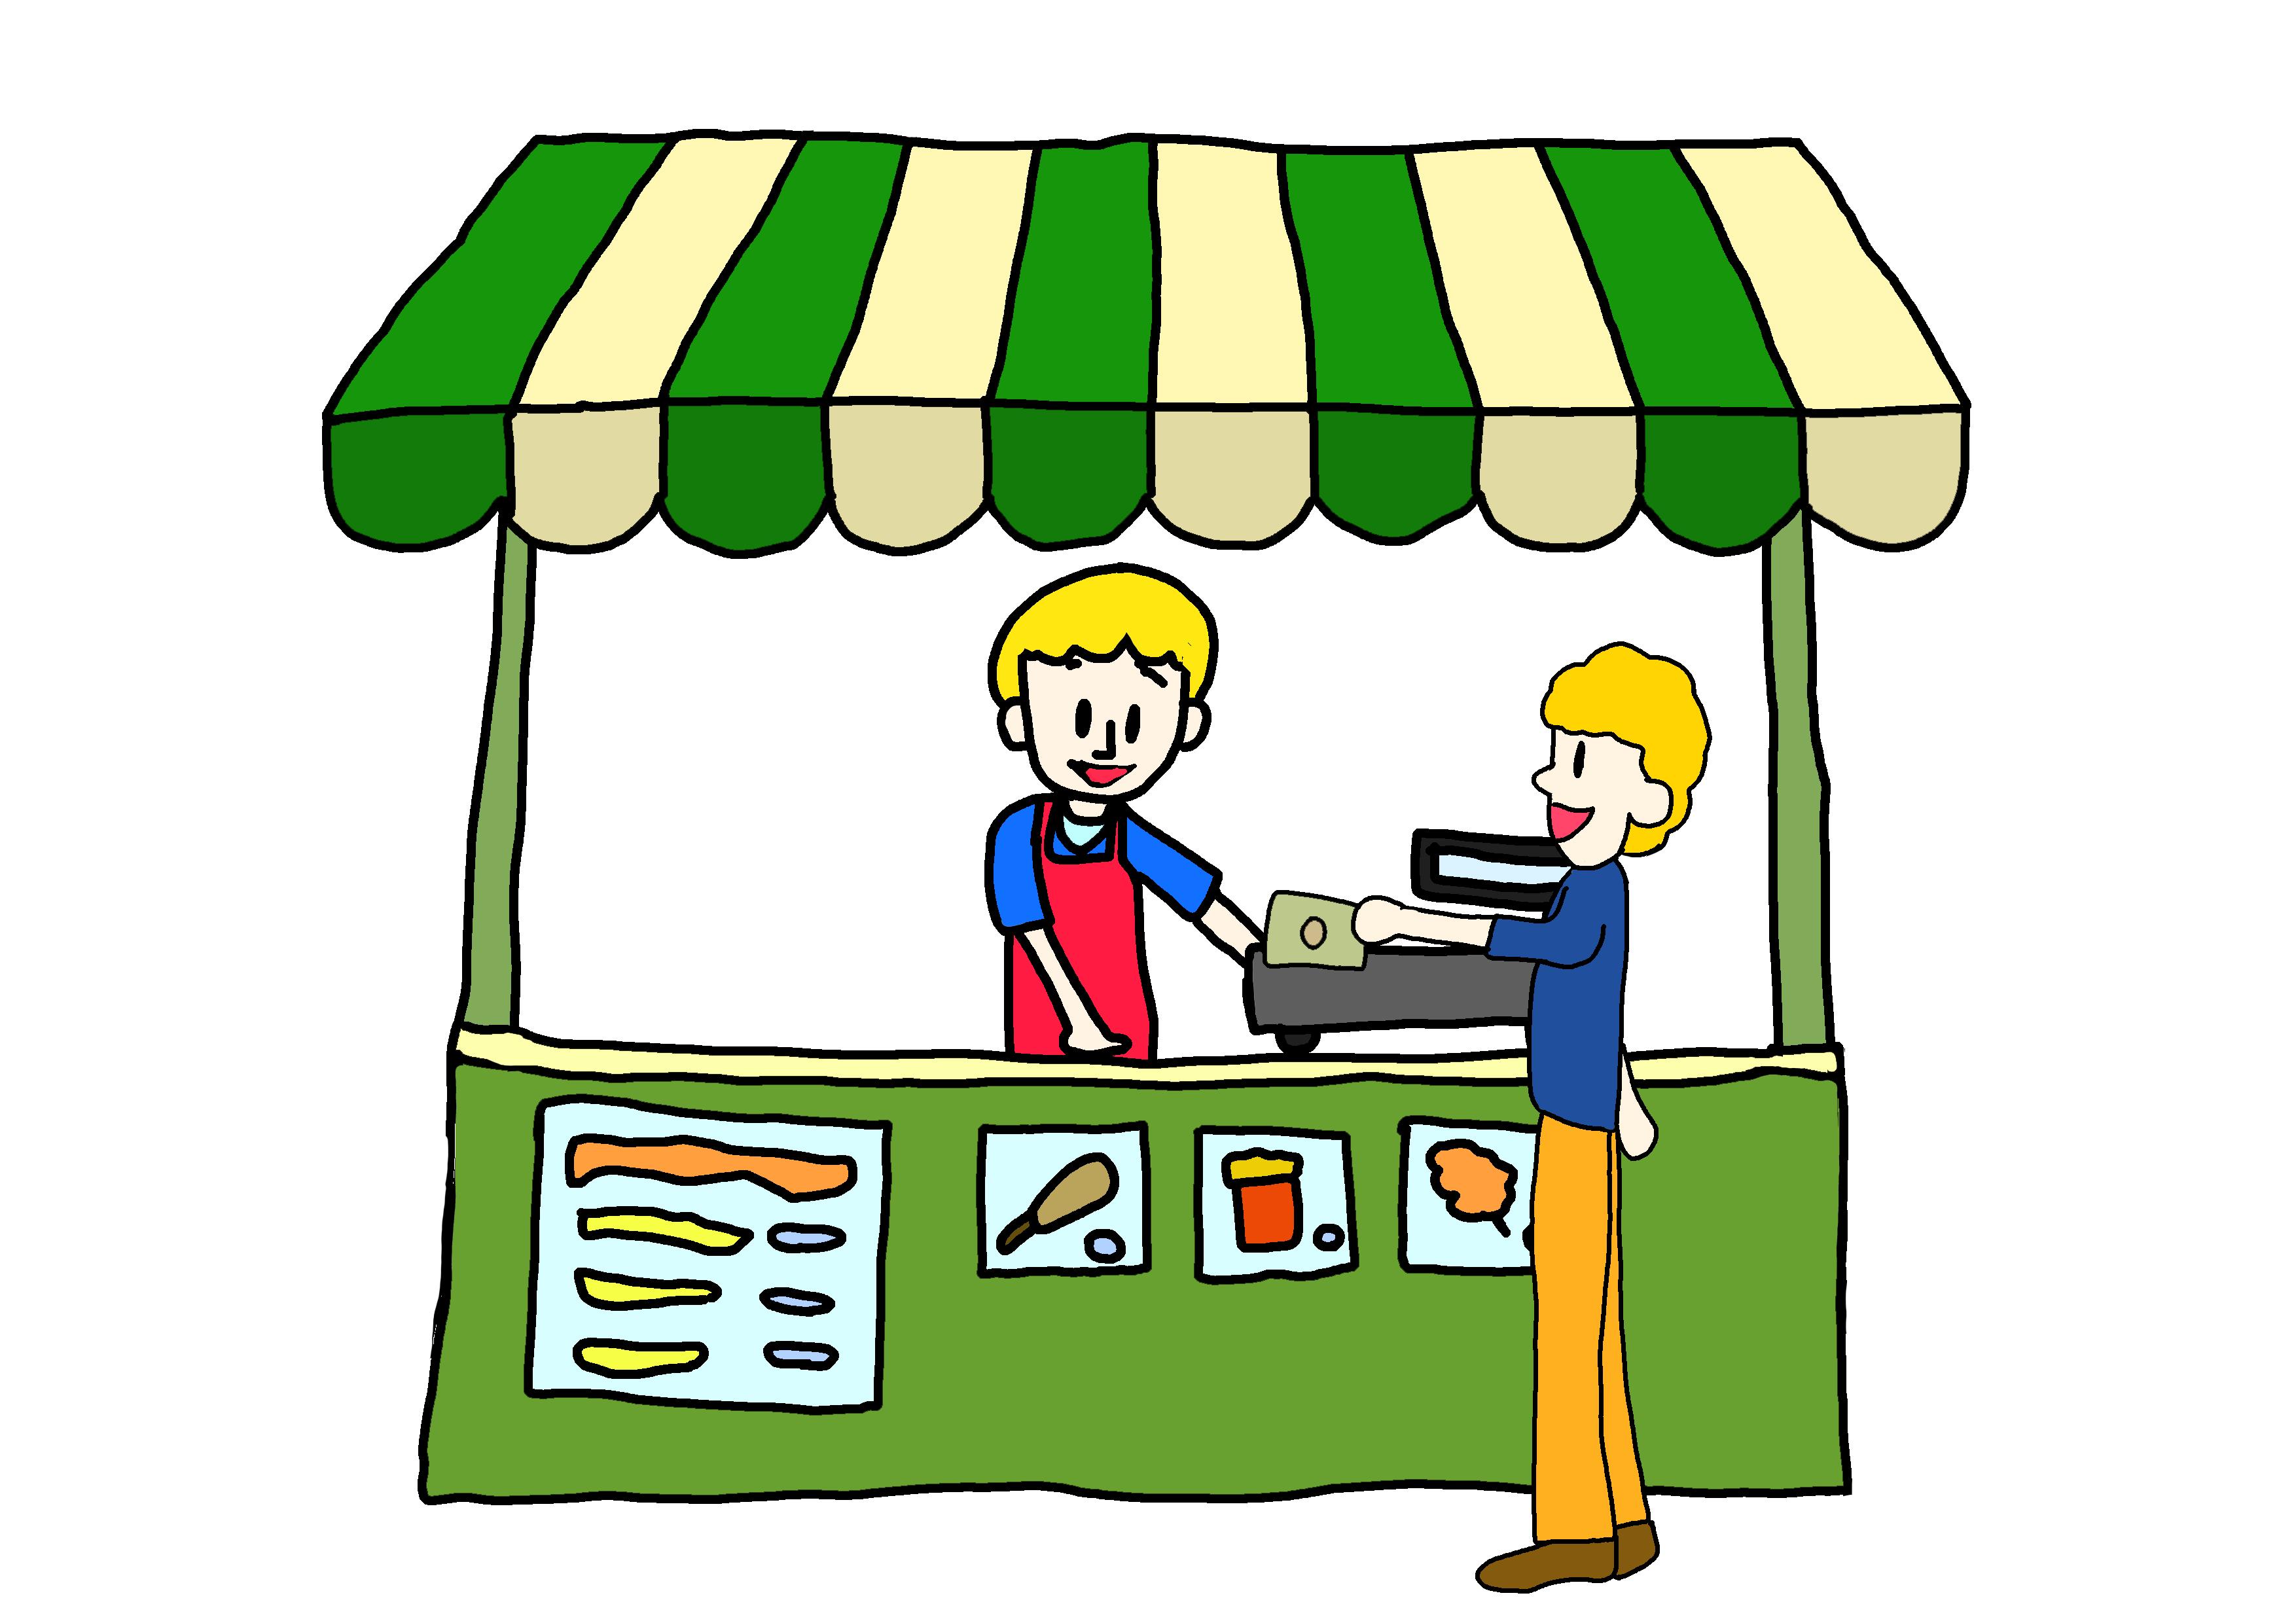 みんなの日本語28課イラスト【売れます】